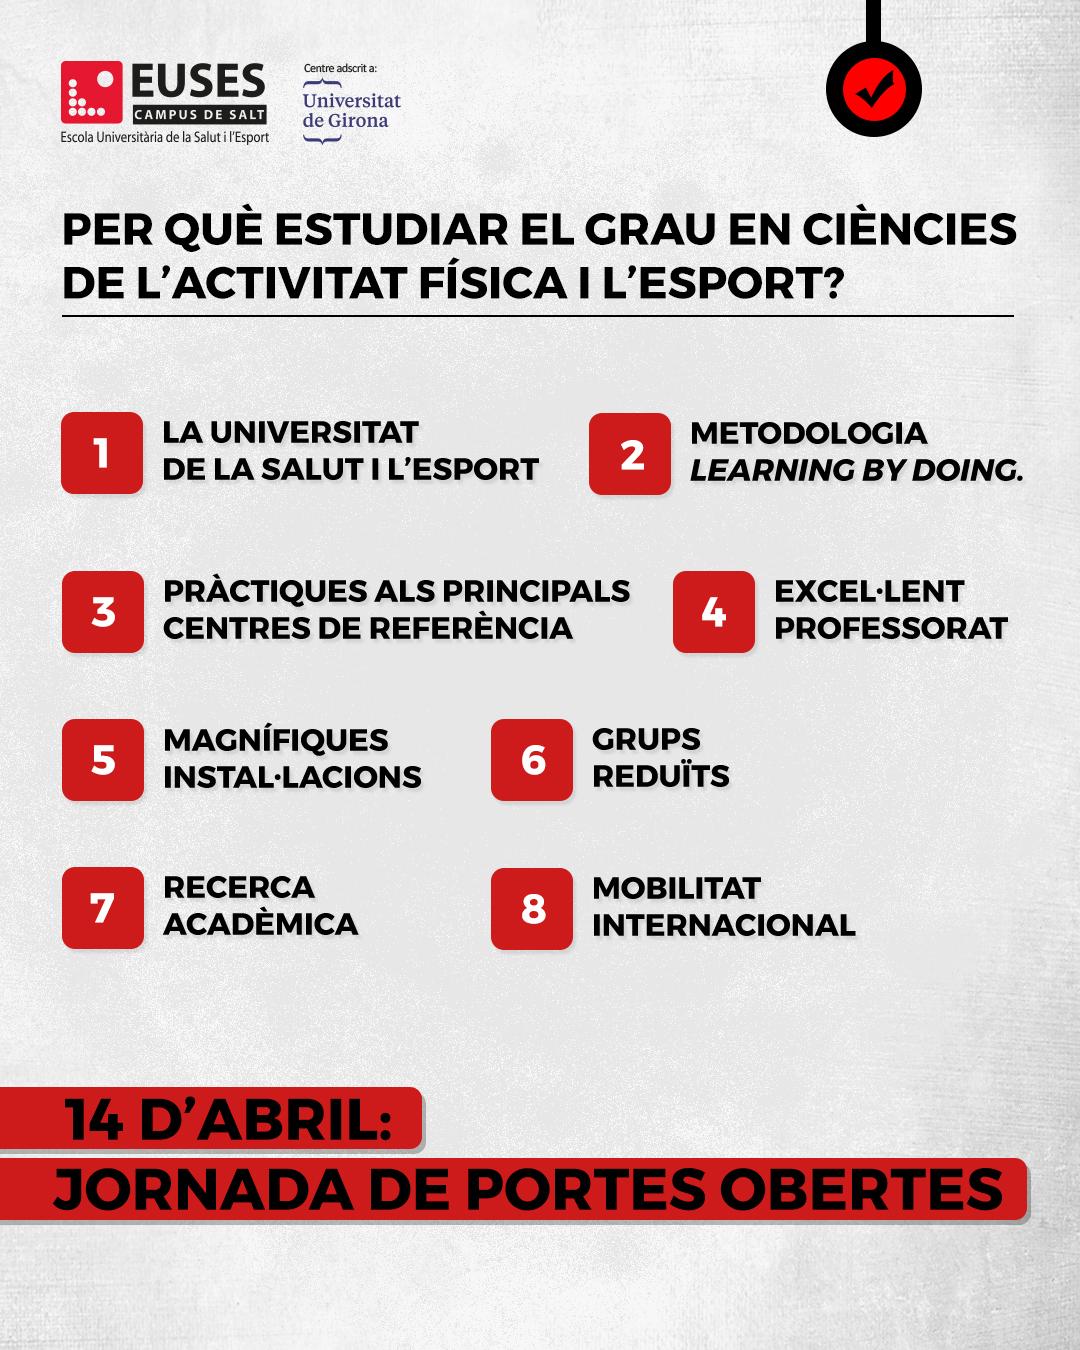 Per què estudiar el Grau en Ciències de l'Activitat Física i l'Esport? Vine a les Jornades de Portes Obertes el 14 d'abril a Salt (Girona)